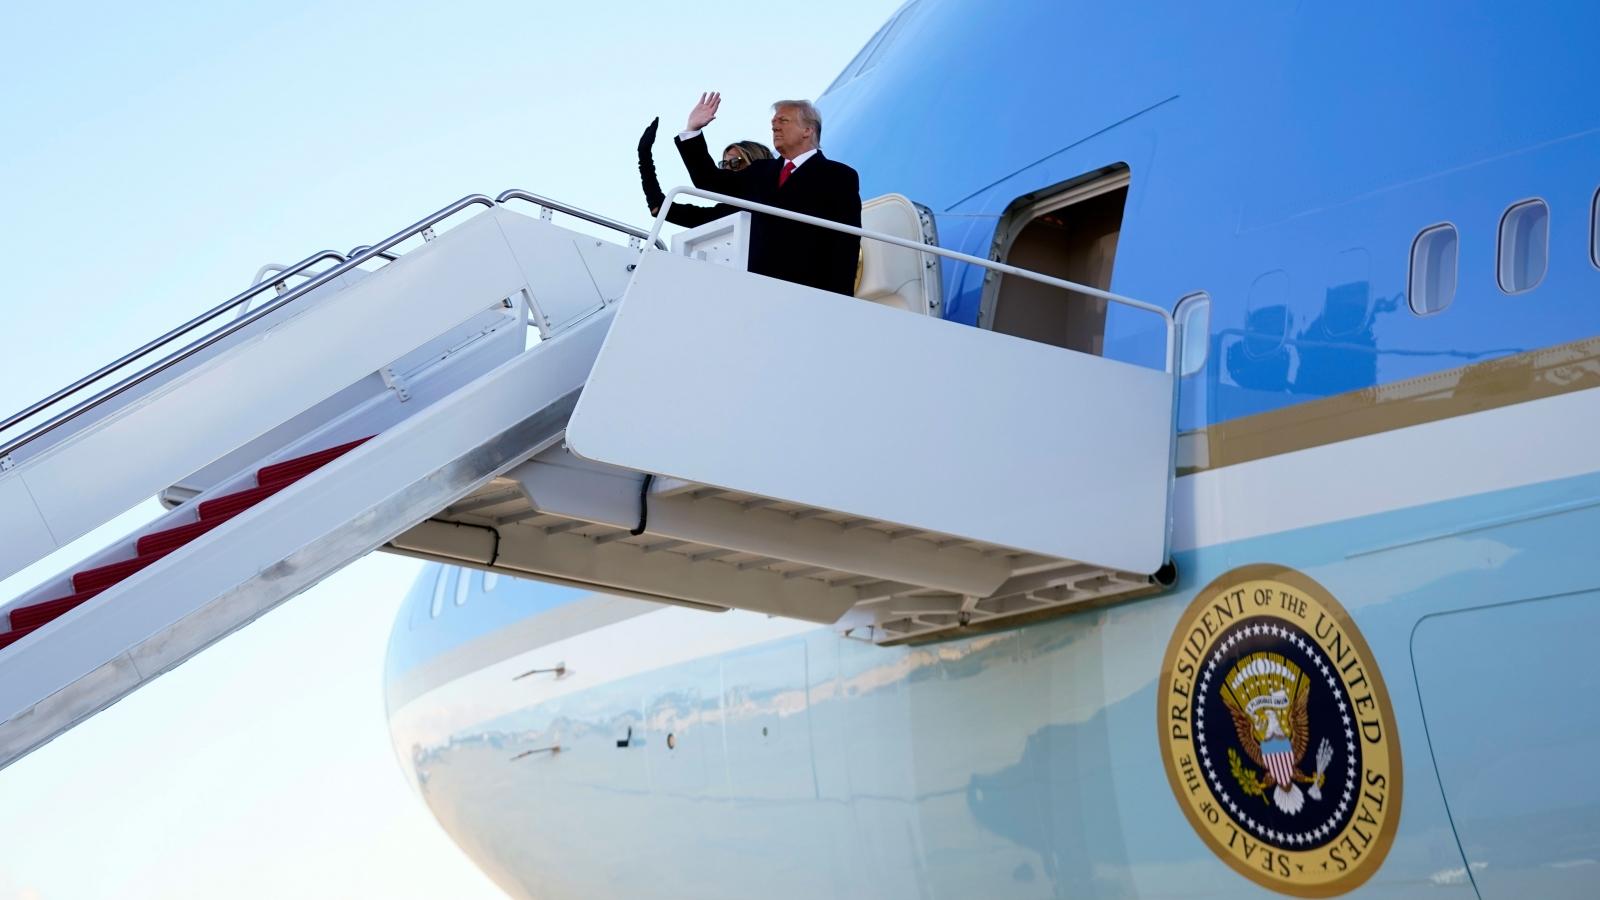 Trực tiếp: Không lực Một cất cánh đưa gia đình ông Trump trở về Florida